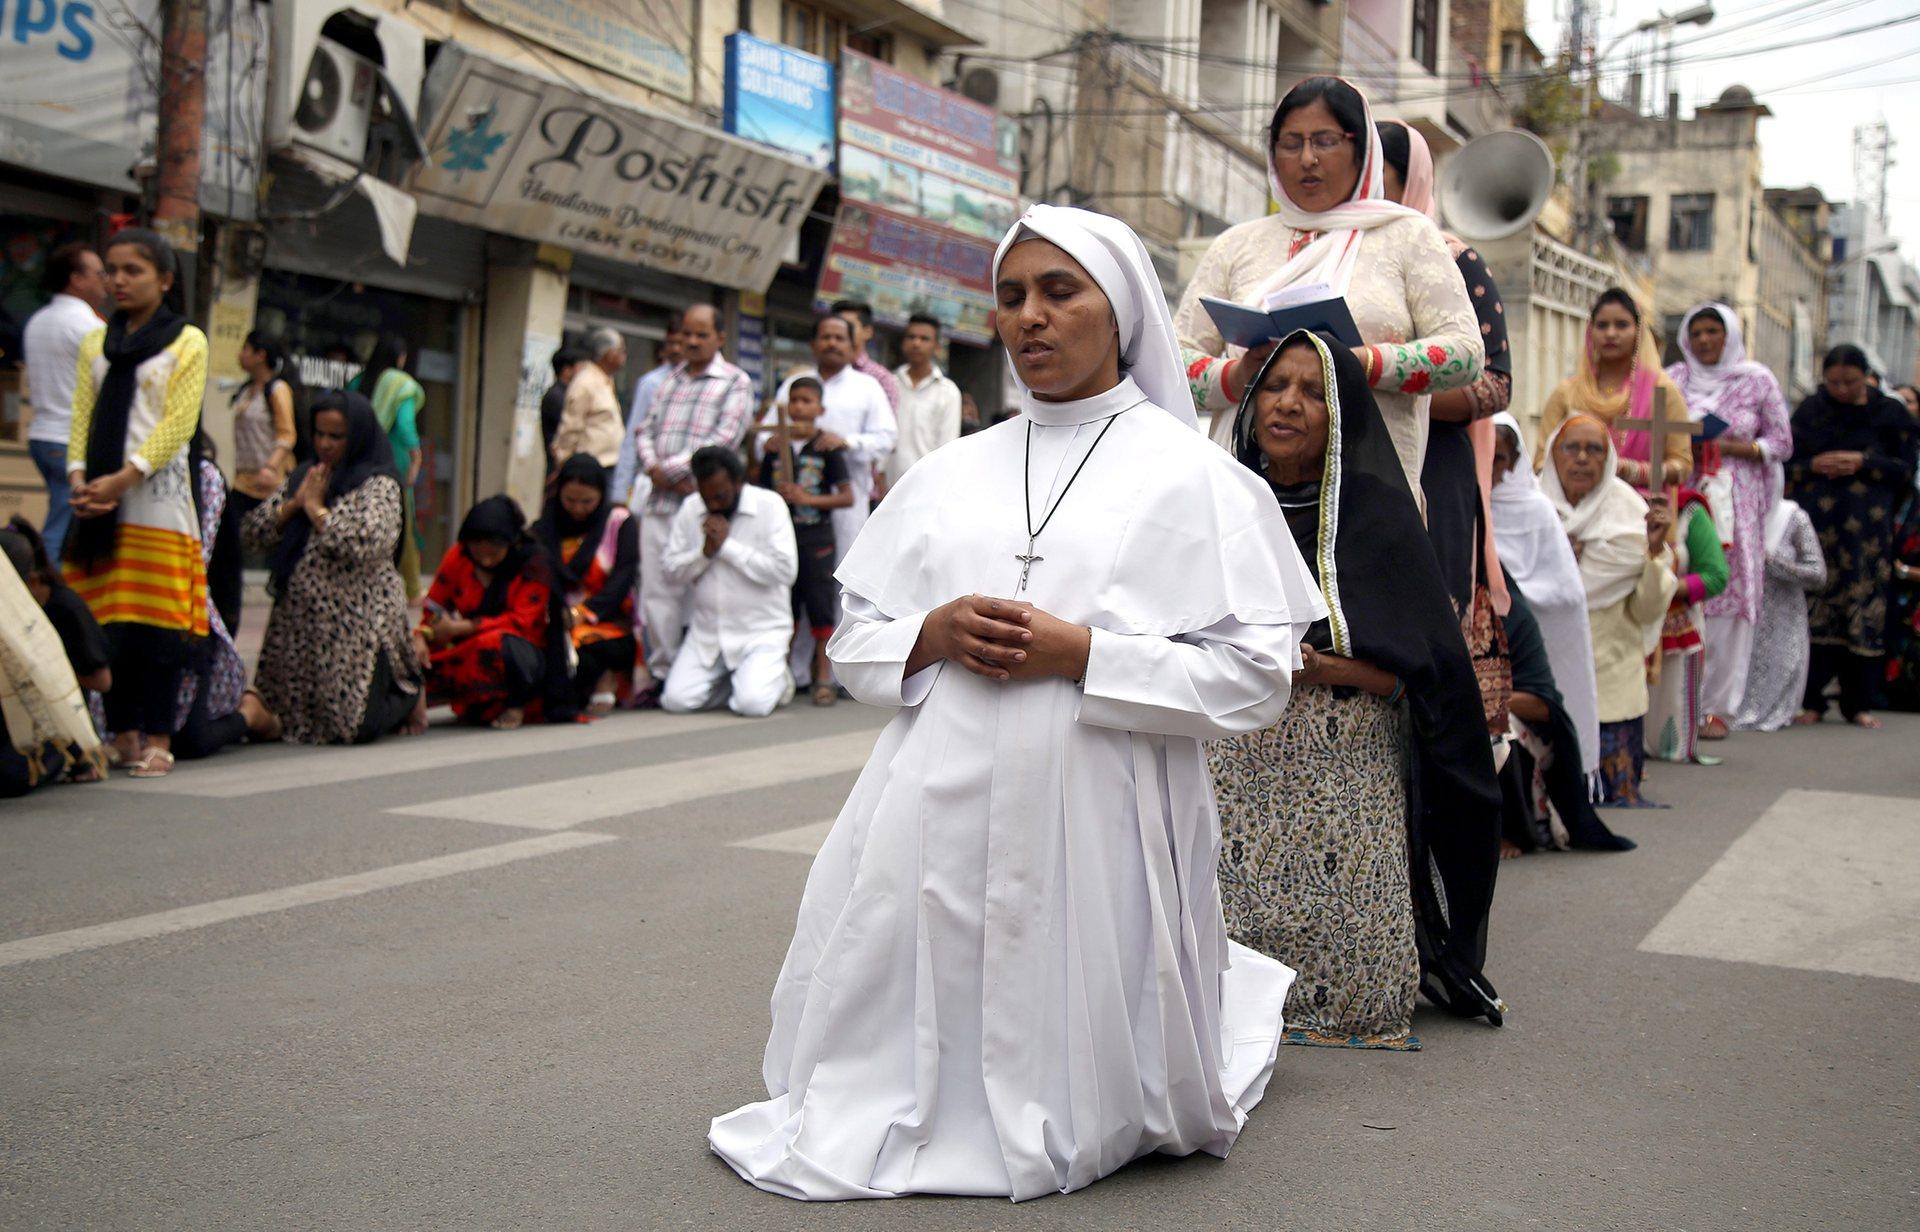 Джаму, Индия Християните се молят, възпоменавайки смъртта на Исус Снимка: Jaipal Сингх / EPA